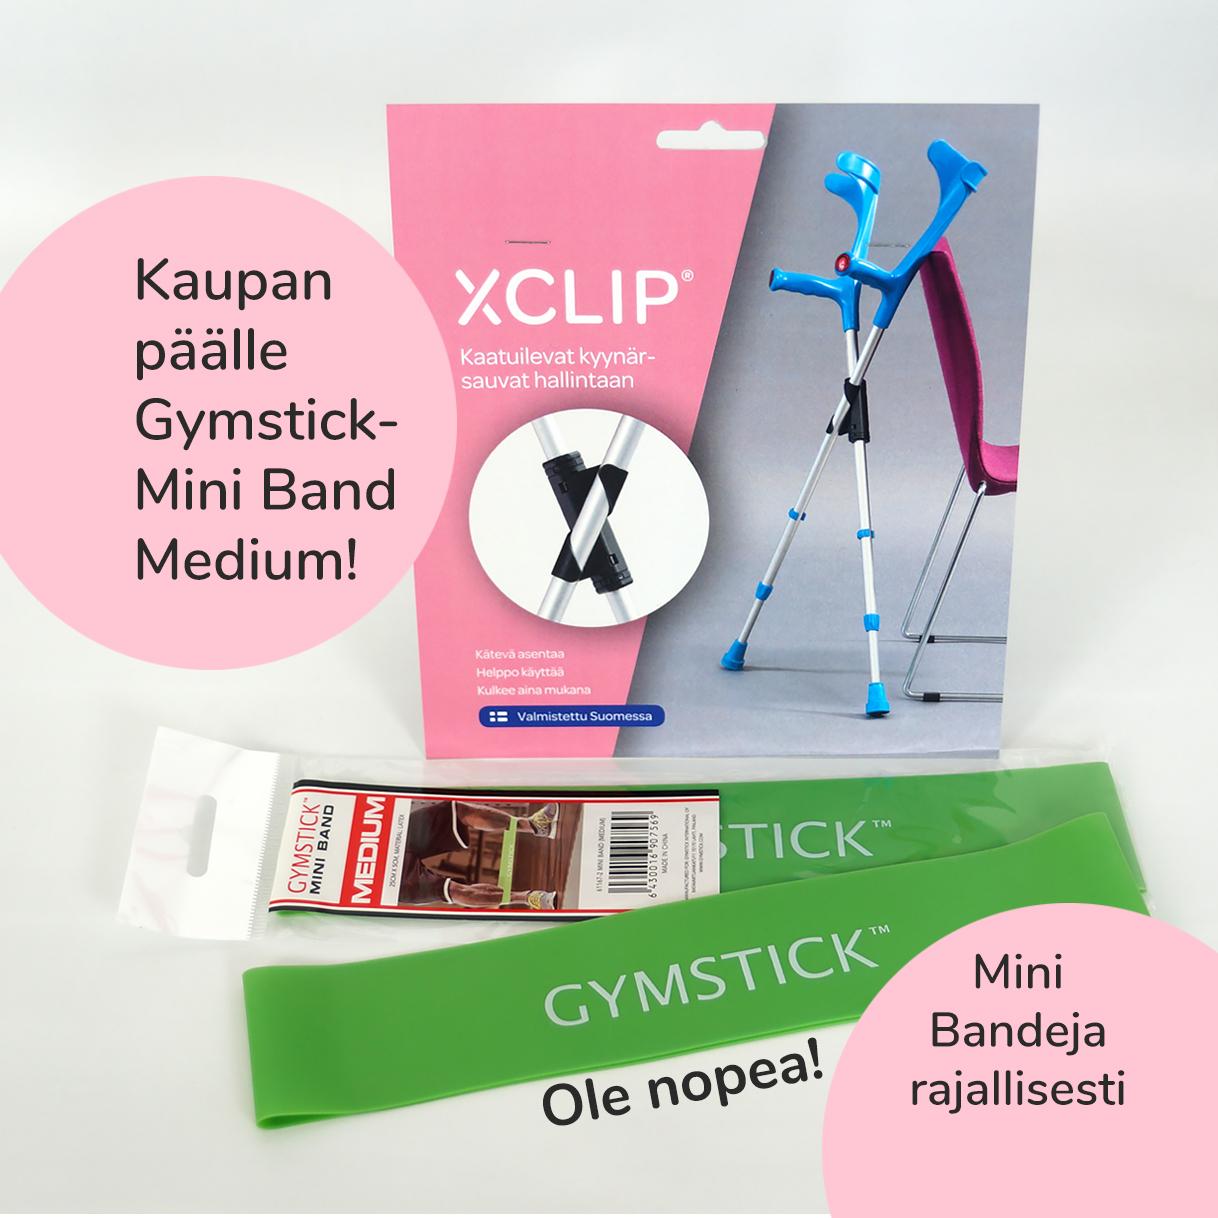 TARJOUS! Tilaa XCLIP-kyynärsauvapidike, saat Gymstick Mini Bandin kaupan päälle